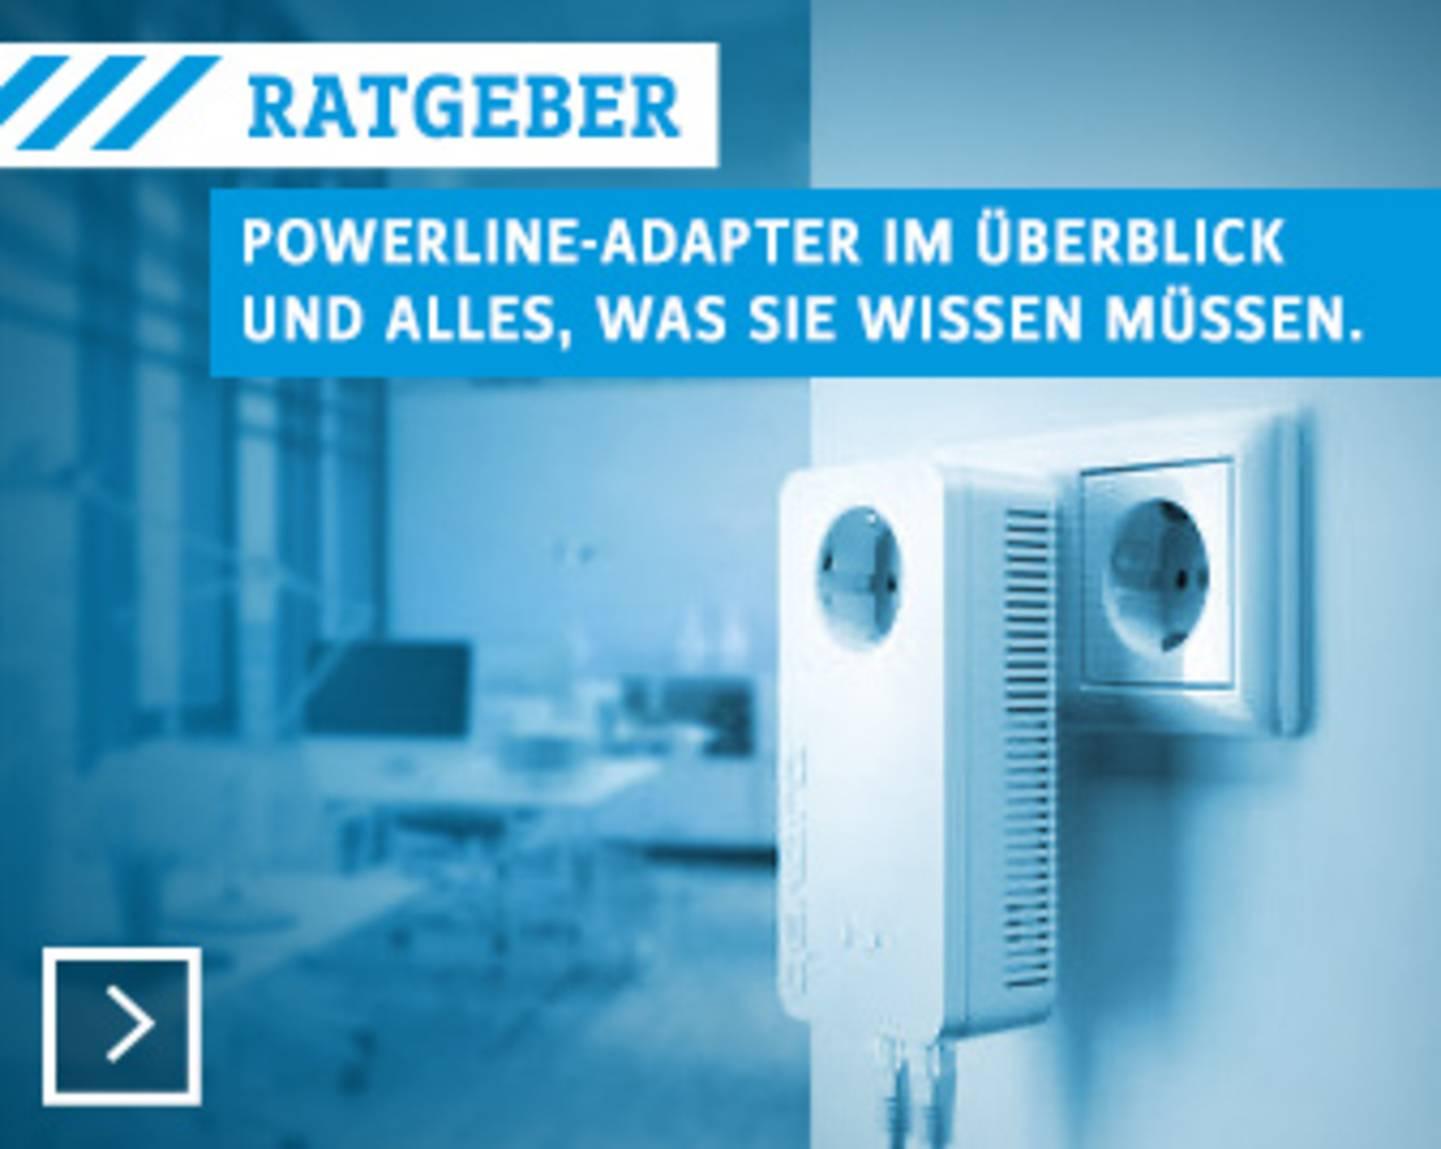 Ratgeber Powerline